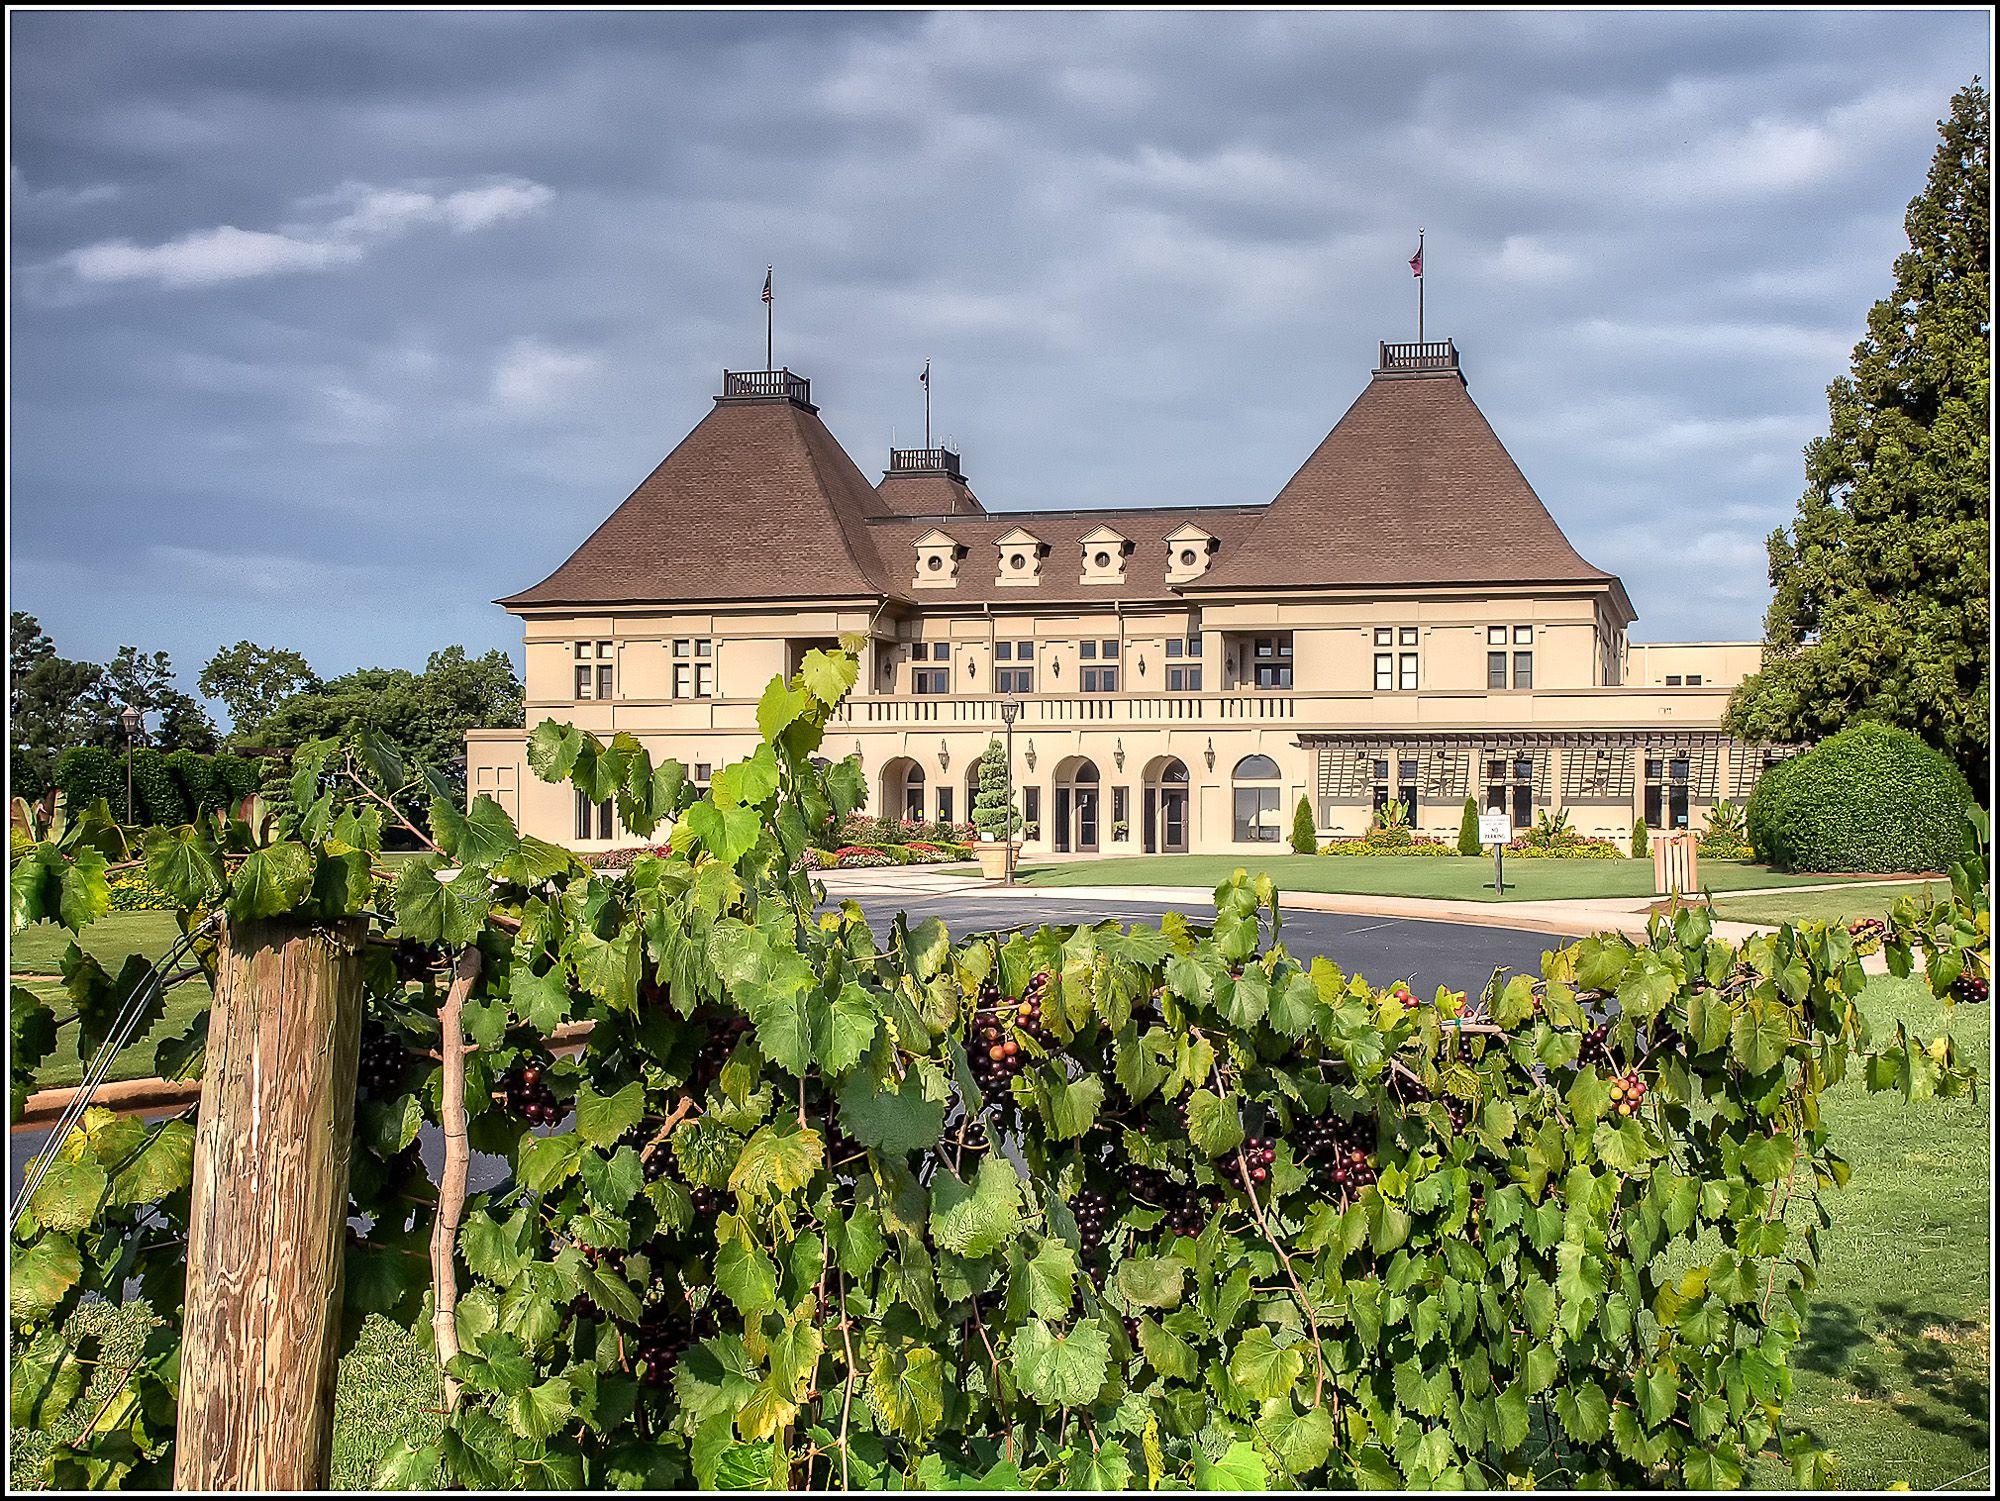 Chateau Elan Resort, Braselton GA.